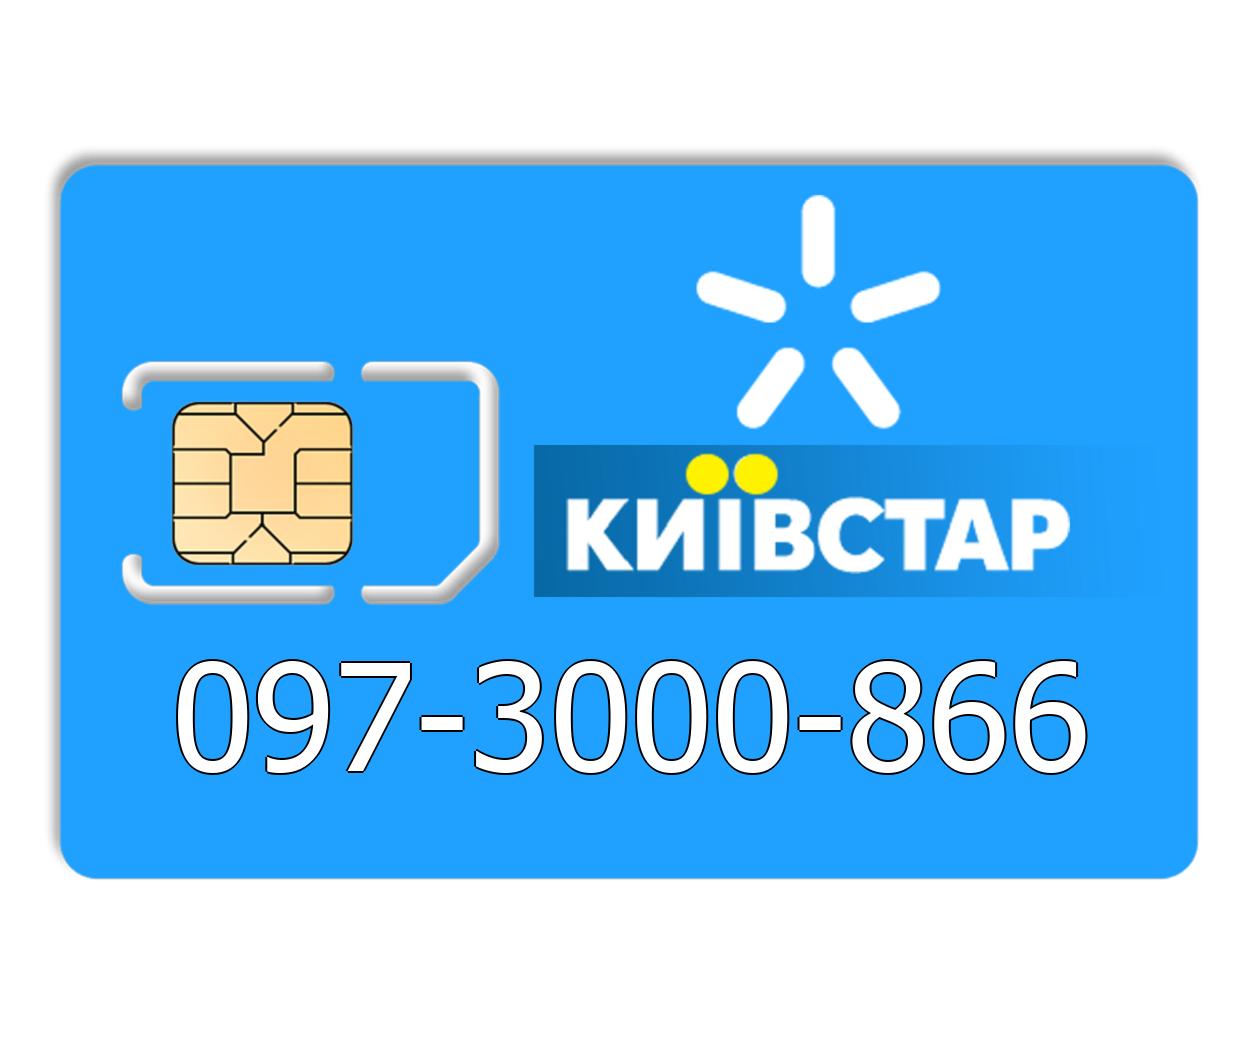 Красивый номер Киевстар 097-3000-866